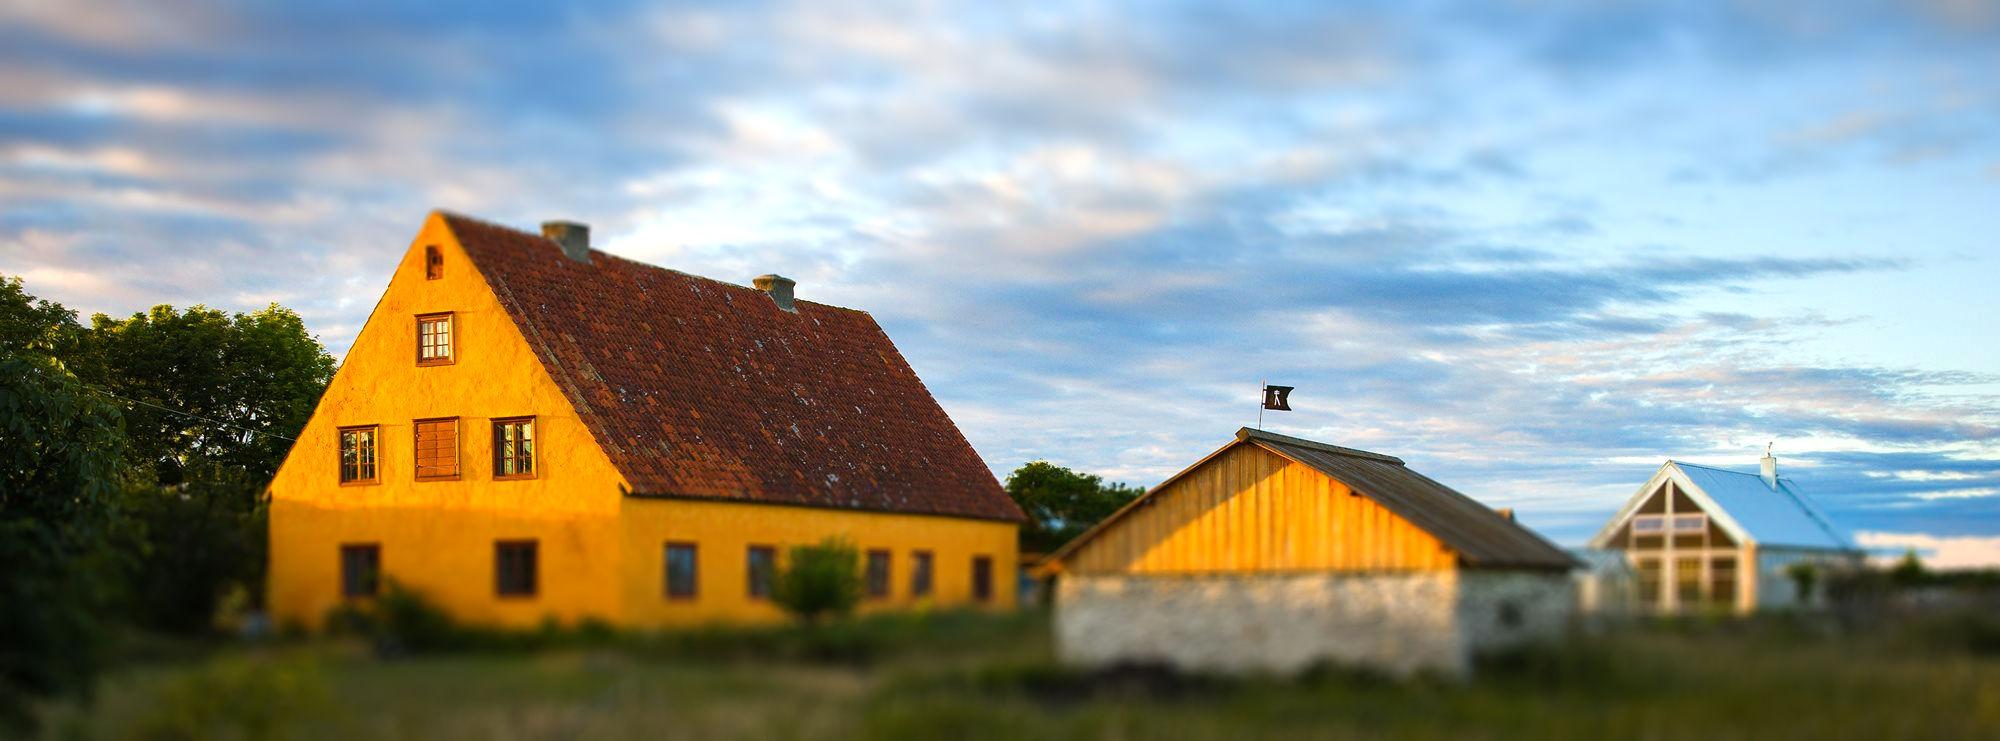 foto blessellska gården-tiltshift.jpg